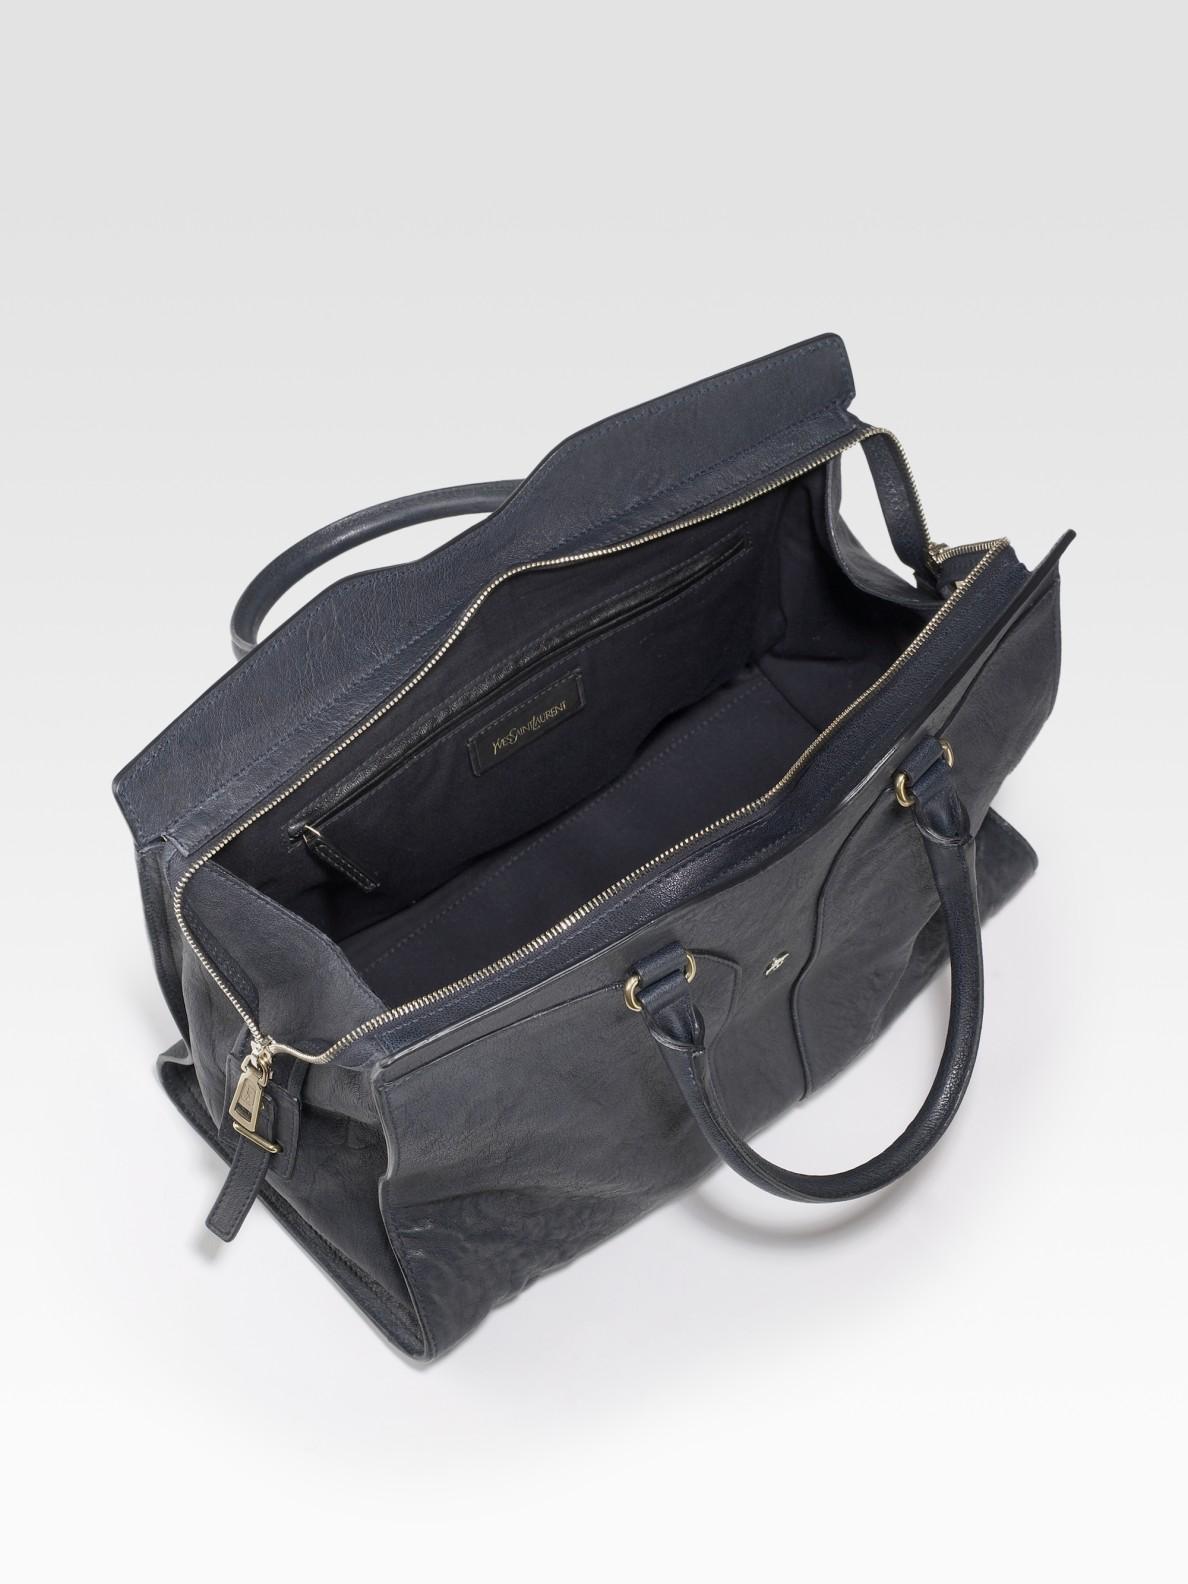 fake ysl handbags - ysl chyc rive gauche tote